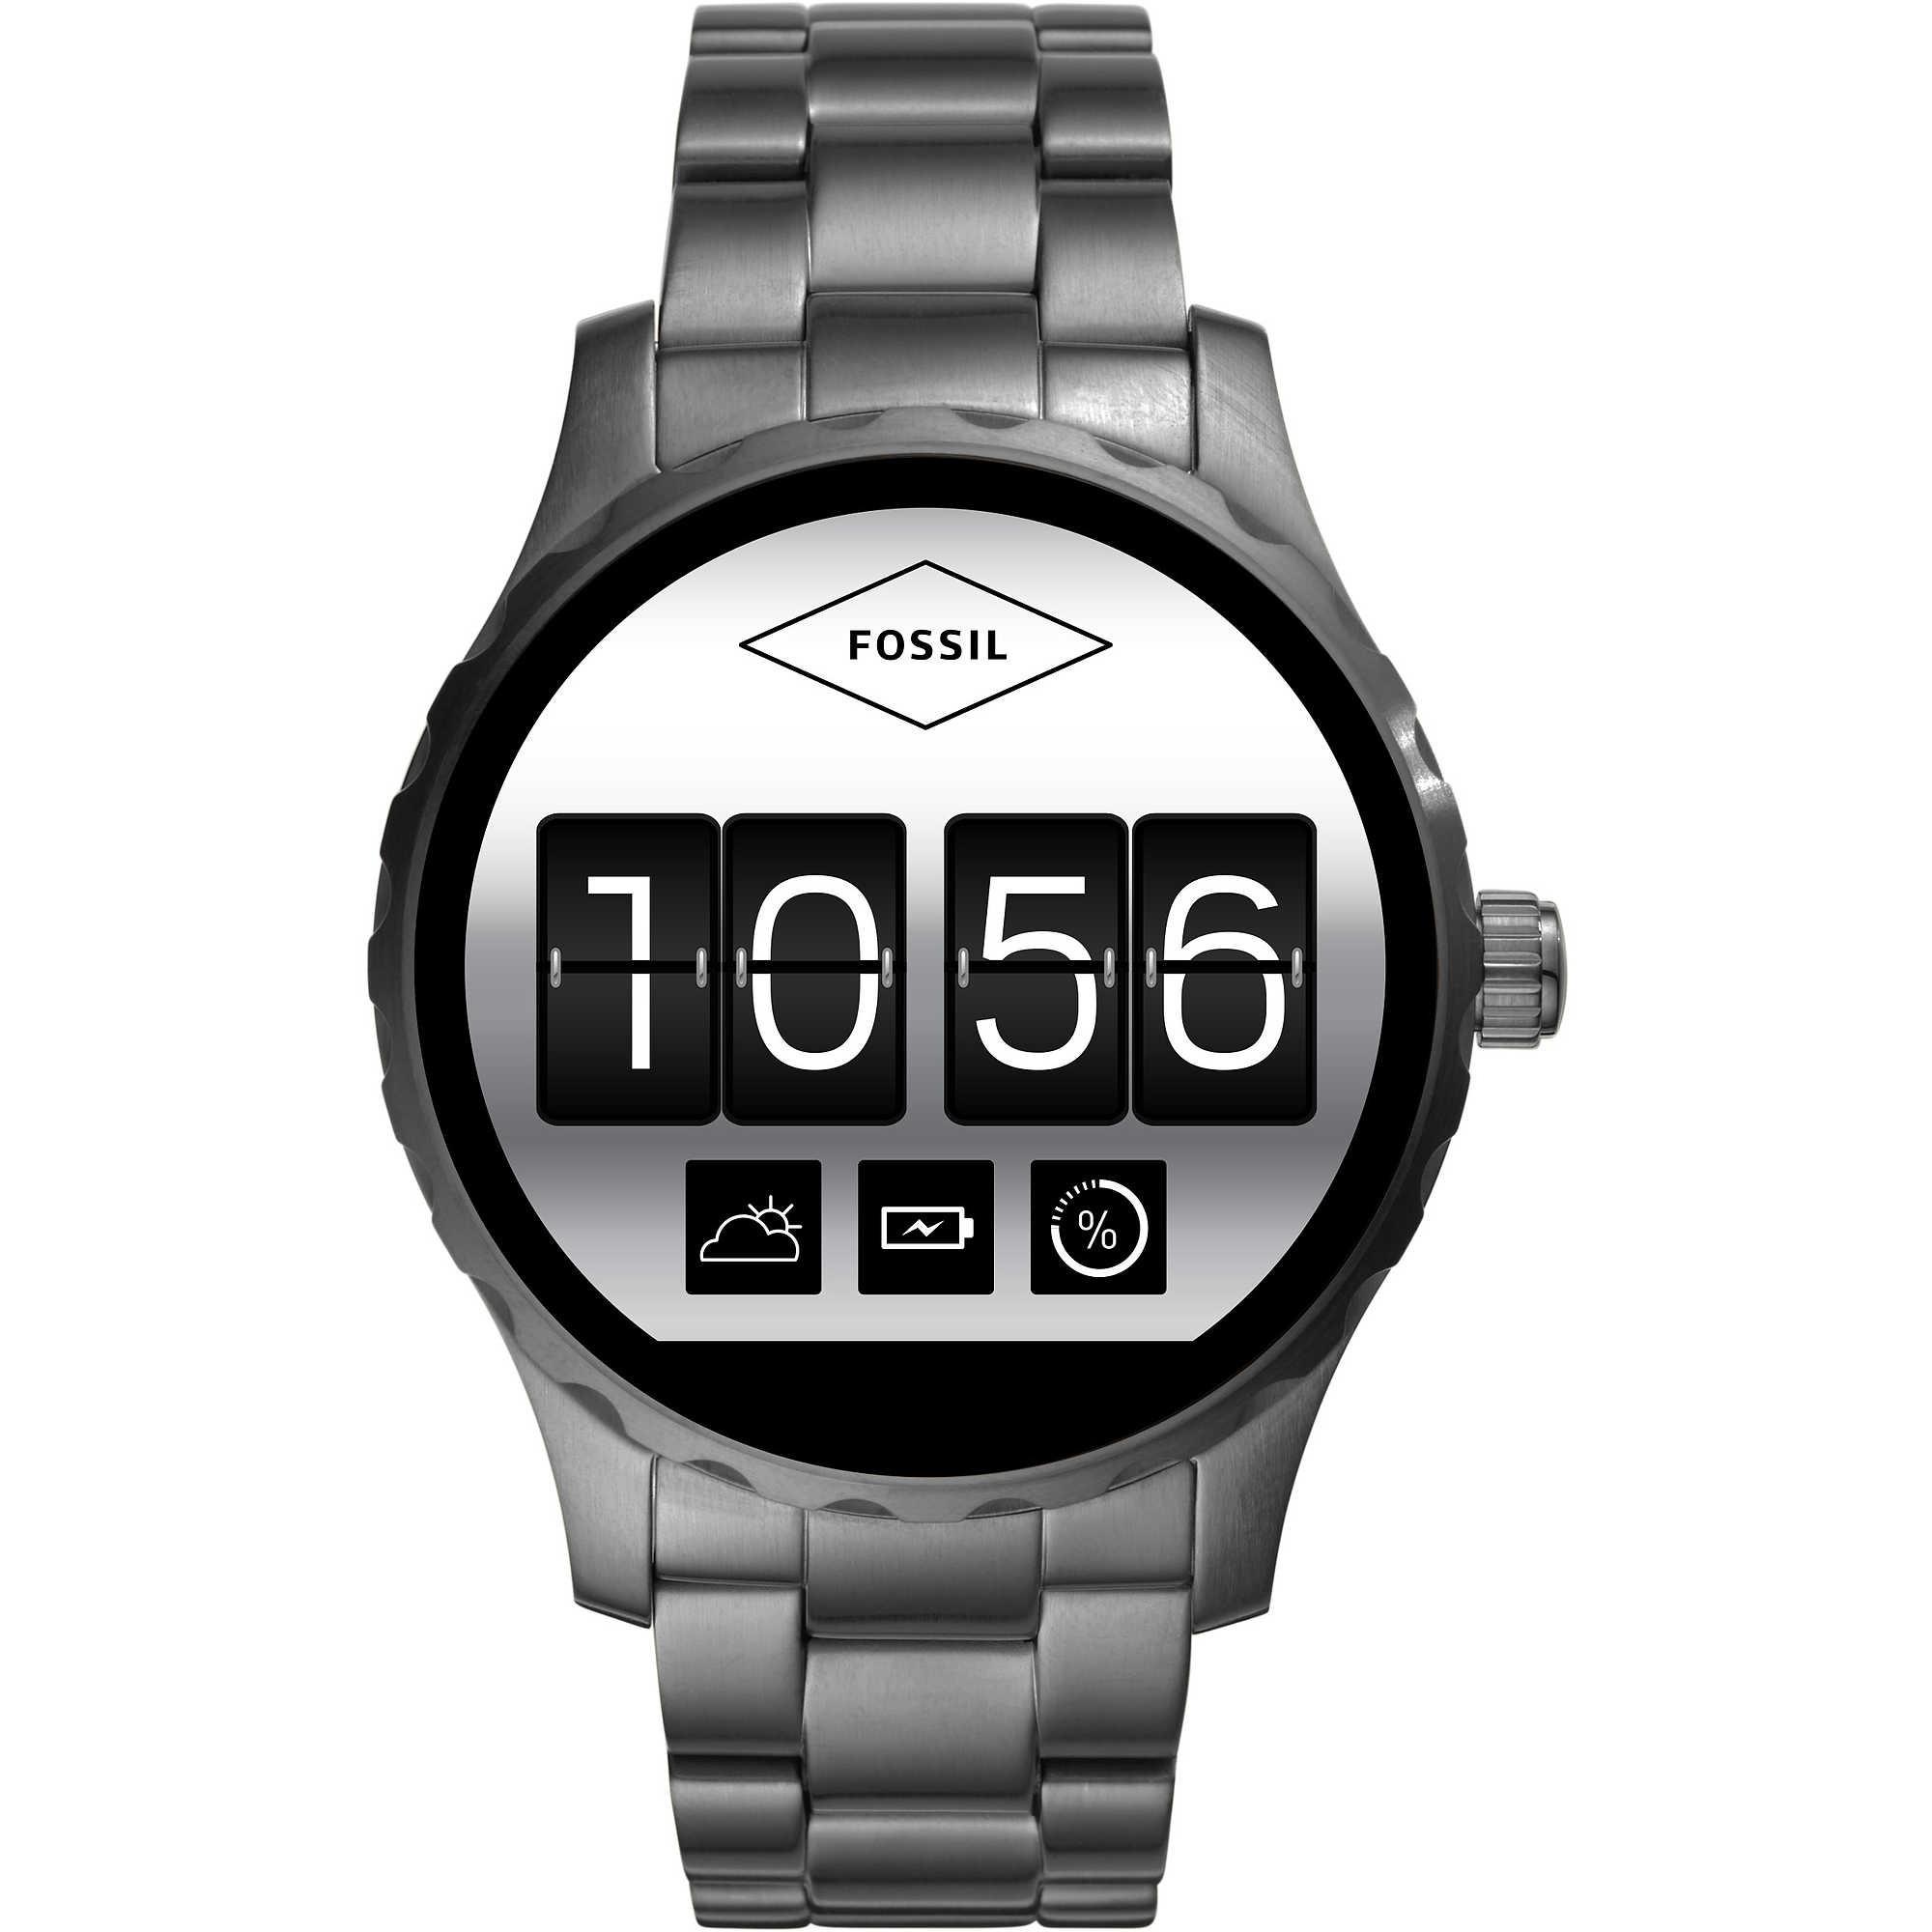 d052cff1eb Fossil orologio Smartwatch FTW2108 - Paradiso Gioielli